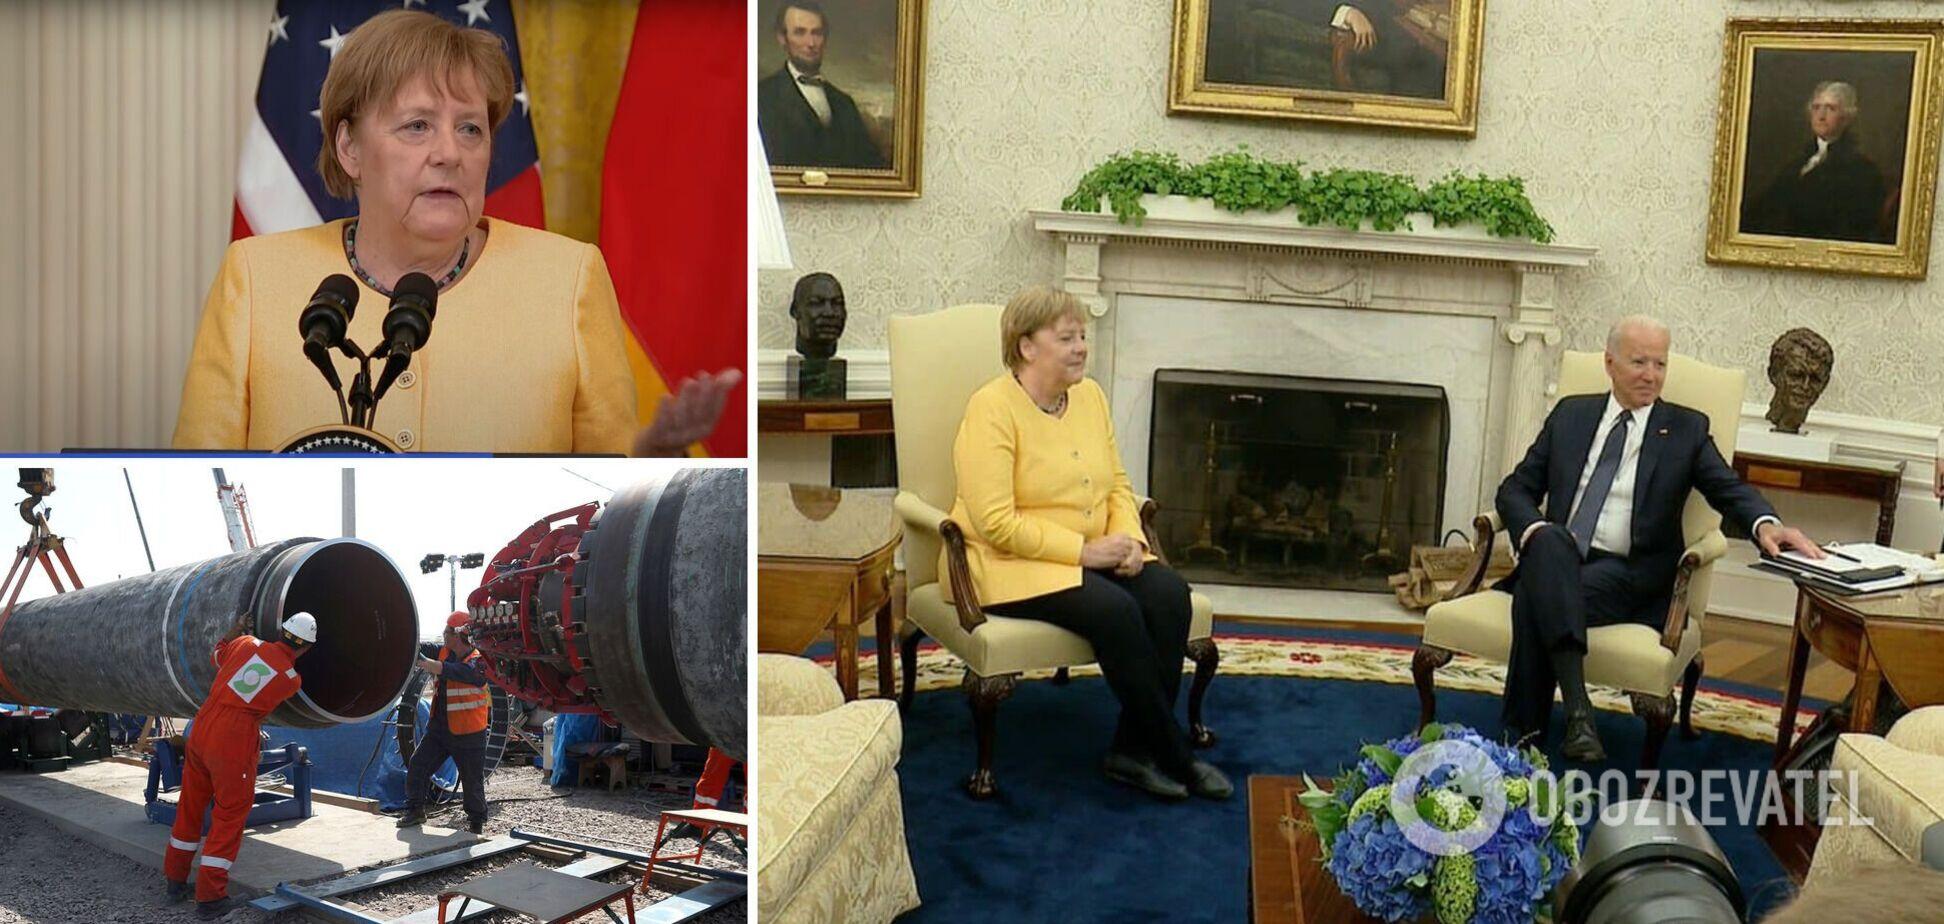 Меркель виступила із заявою щодо 'Північного потоку-2' і України після зустрічі з Байденом